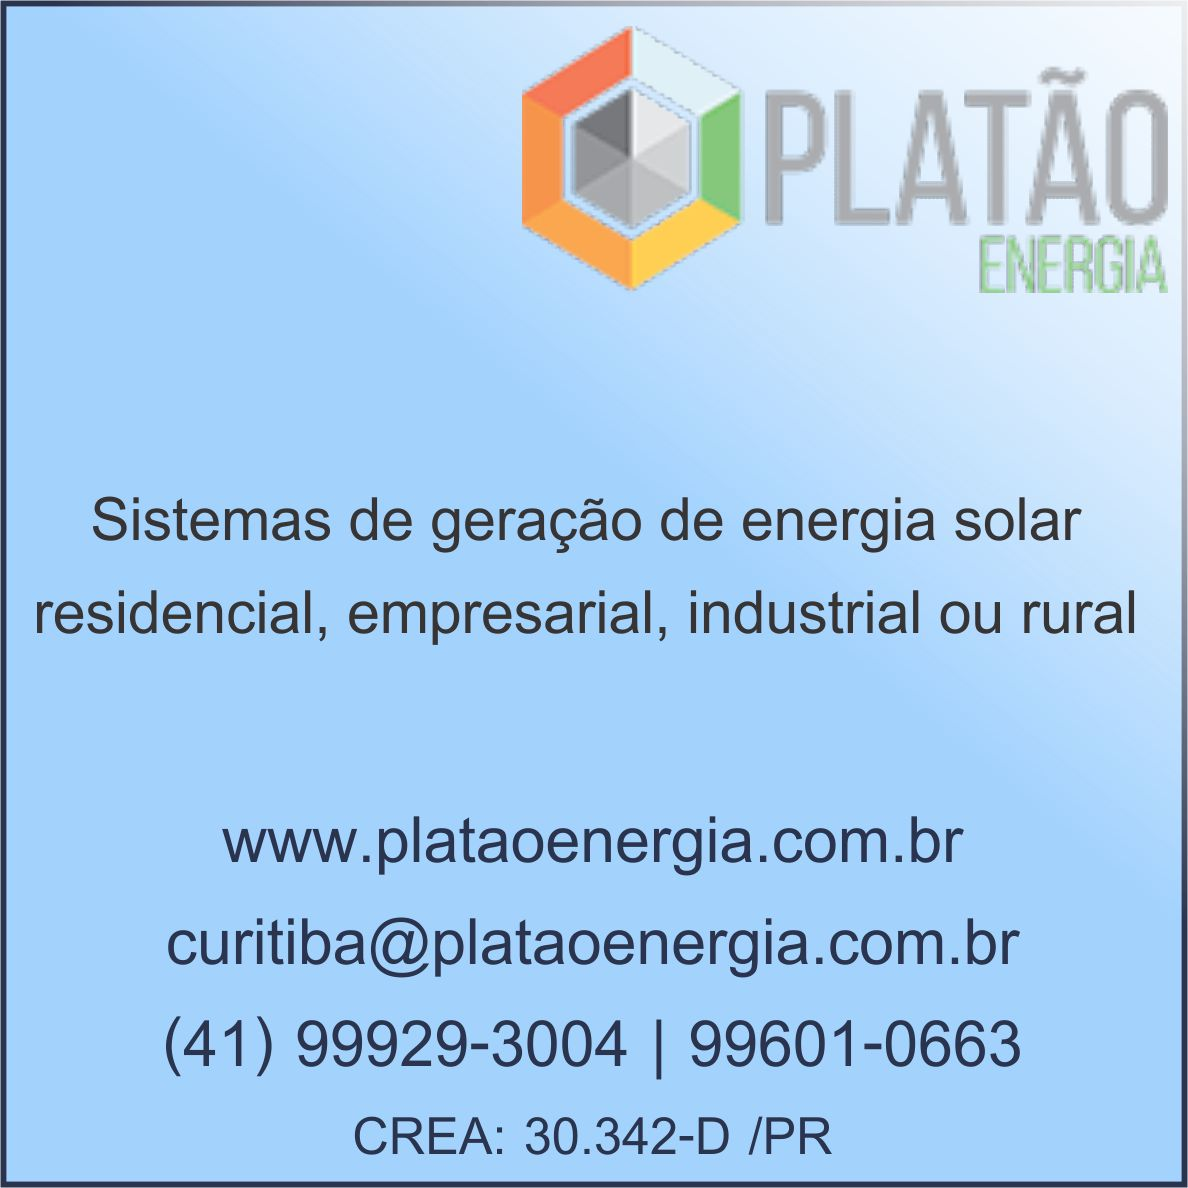 platao energia